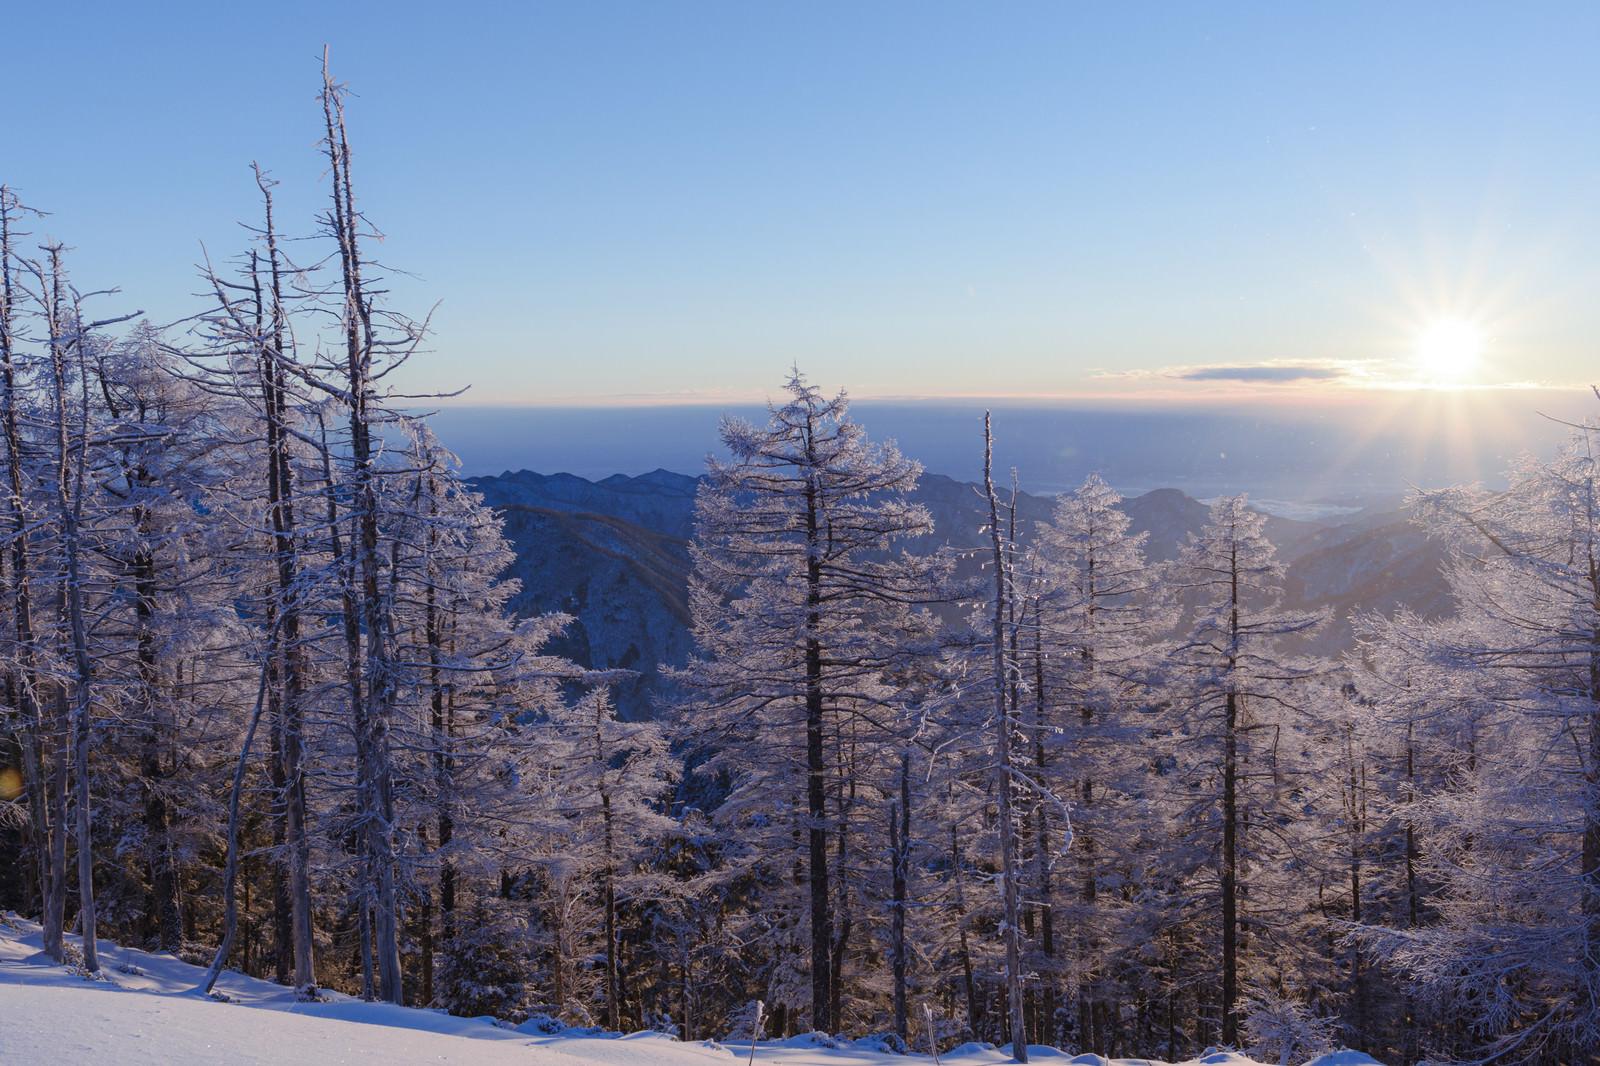 「雲取山山頂で迎える朝日」の写真